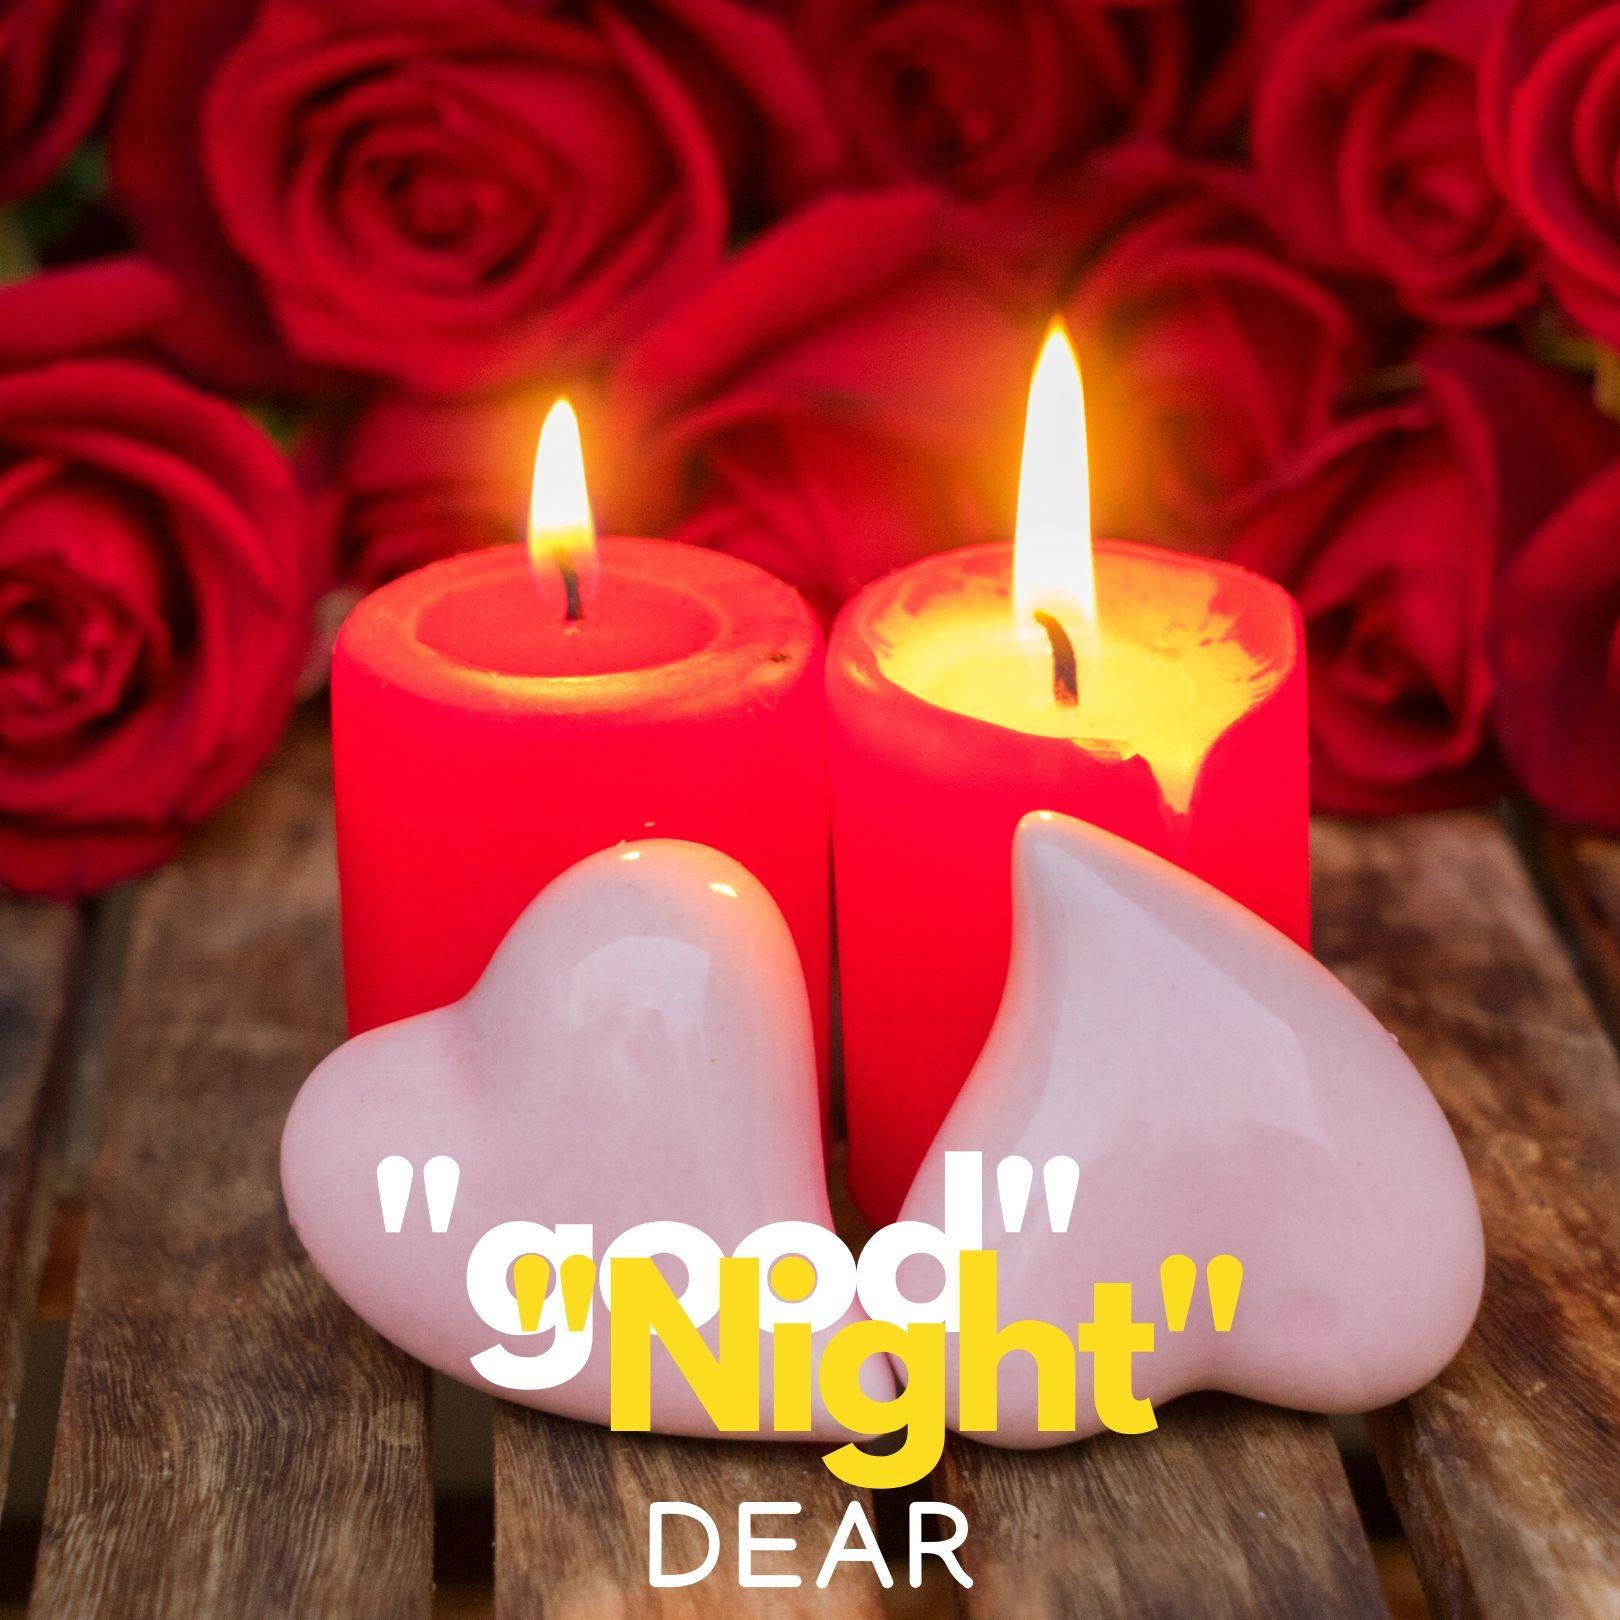 Good Night Dear image hd full HD free download.